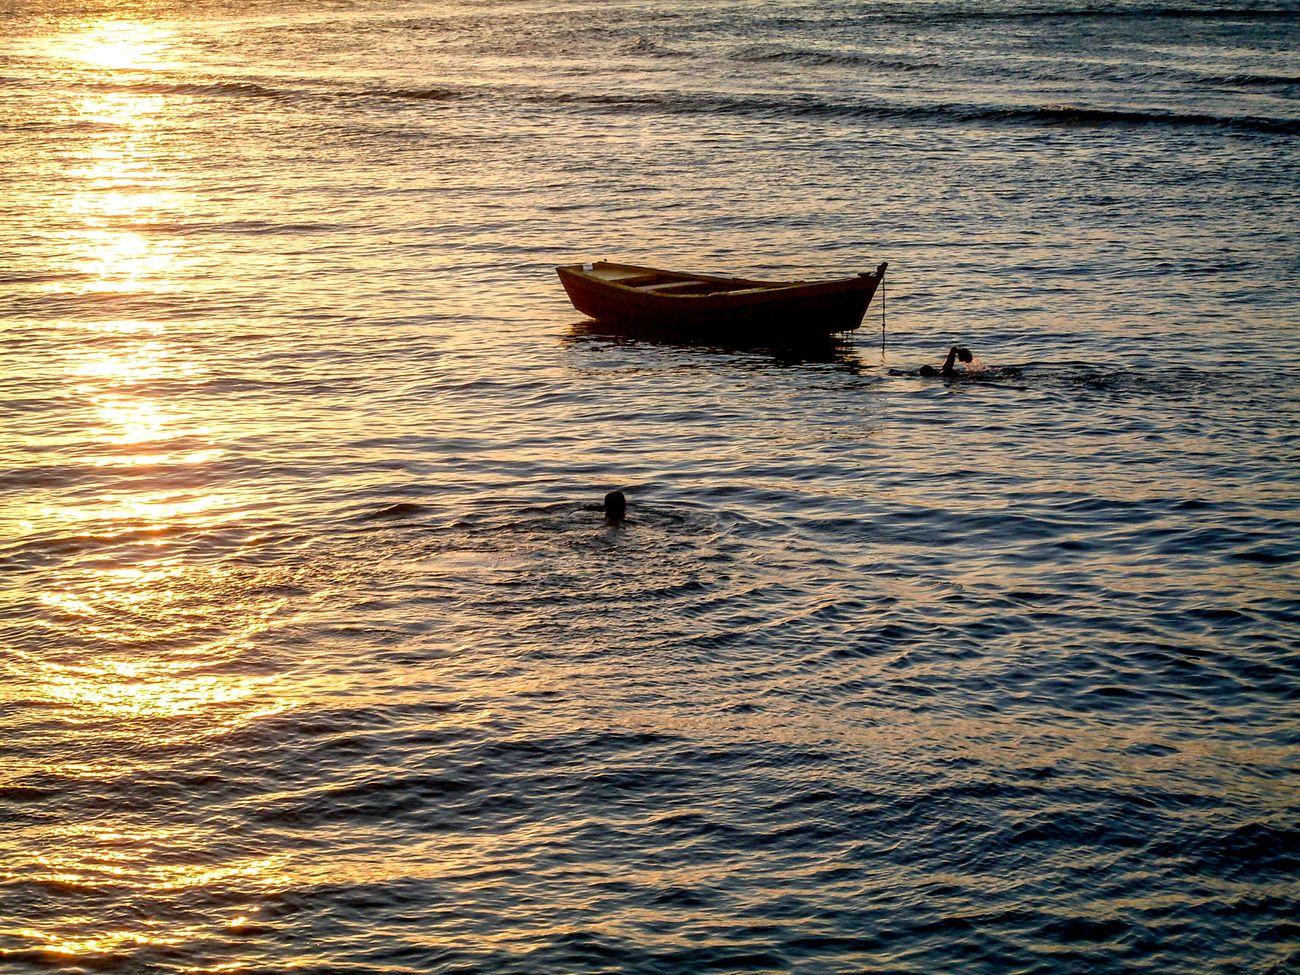 Salvador Salvador Bahia Bahia/brazil Bahia Brazil Brasil Bahiadetodosossantos Sunset Ocean